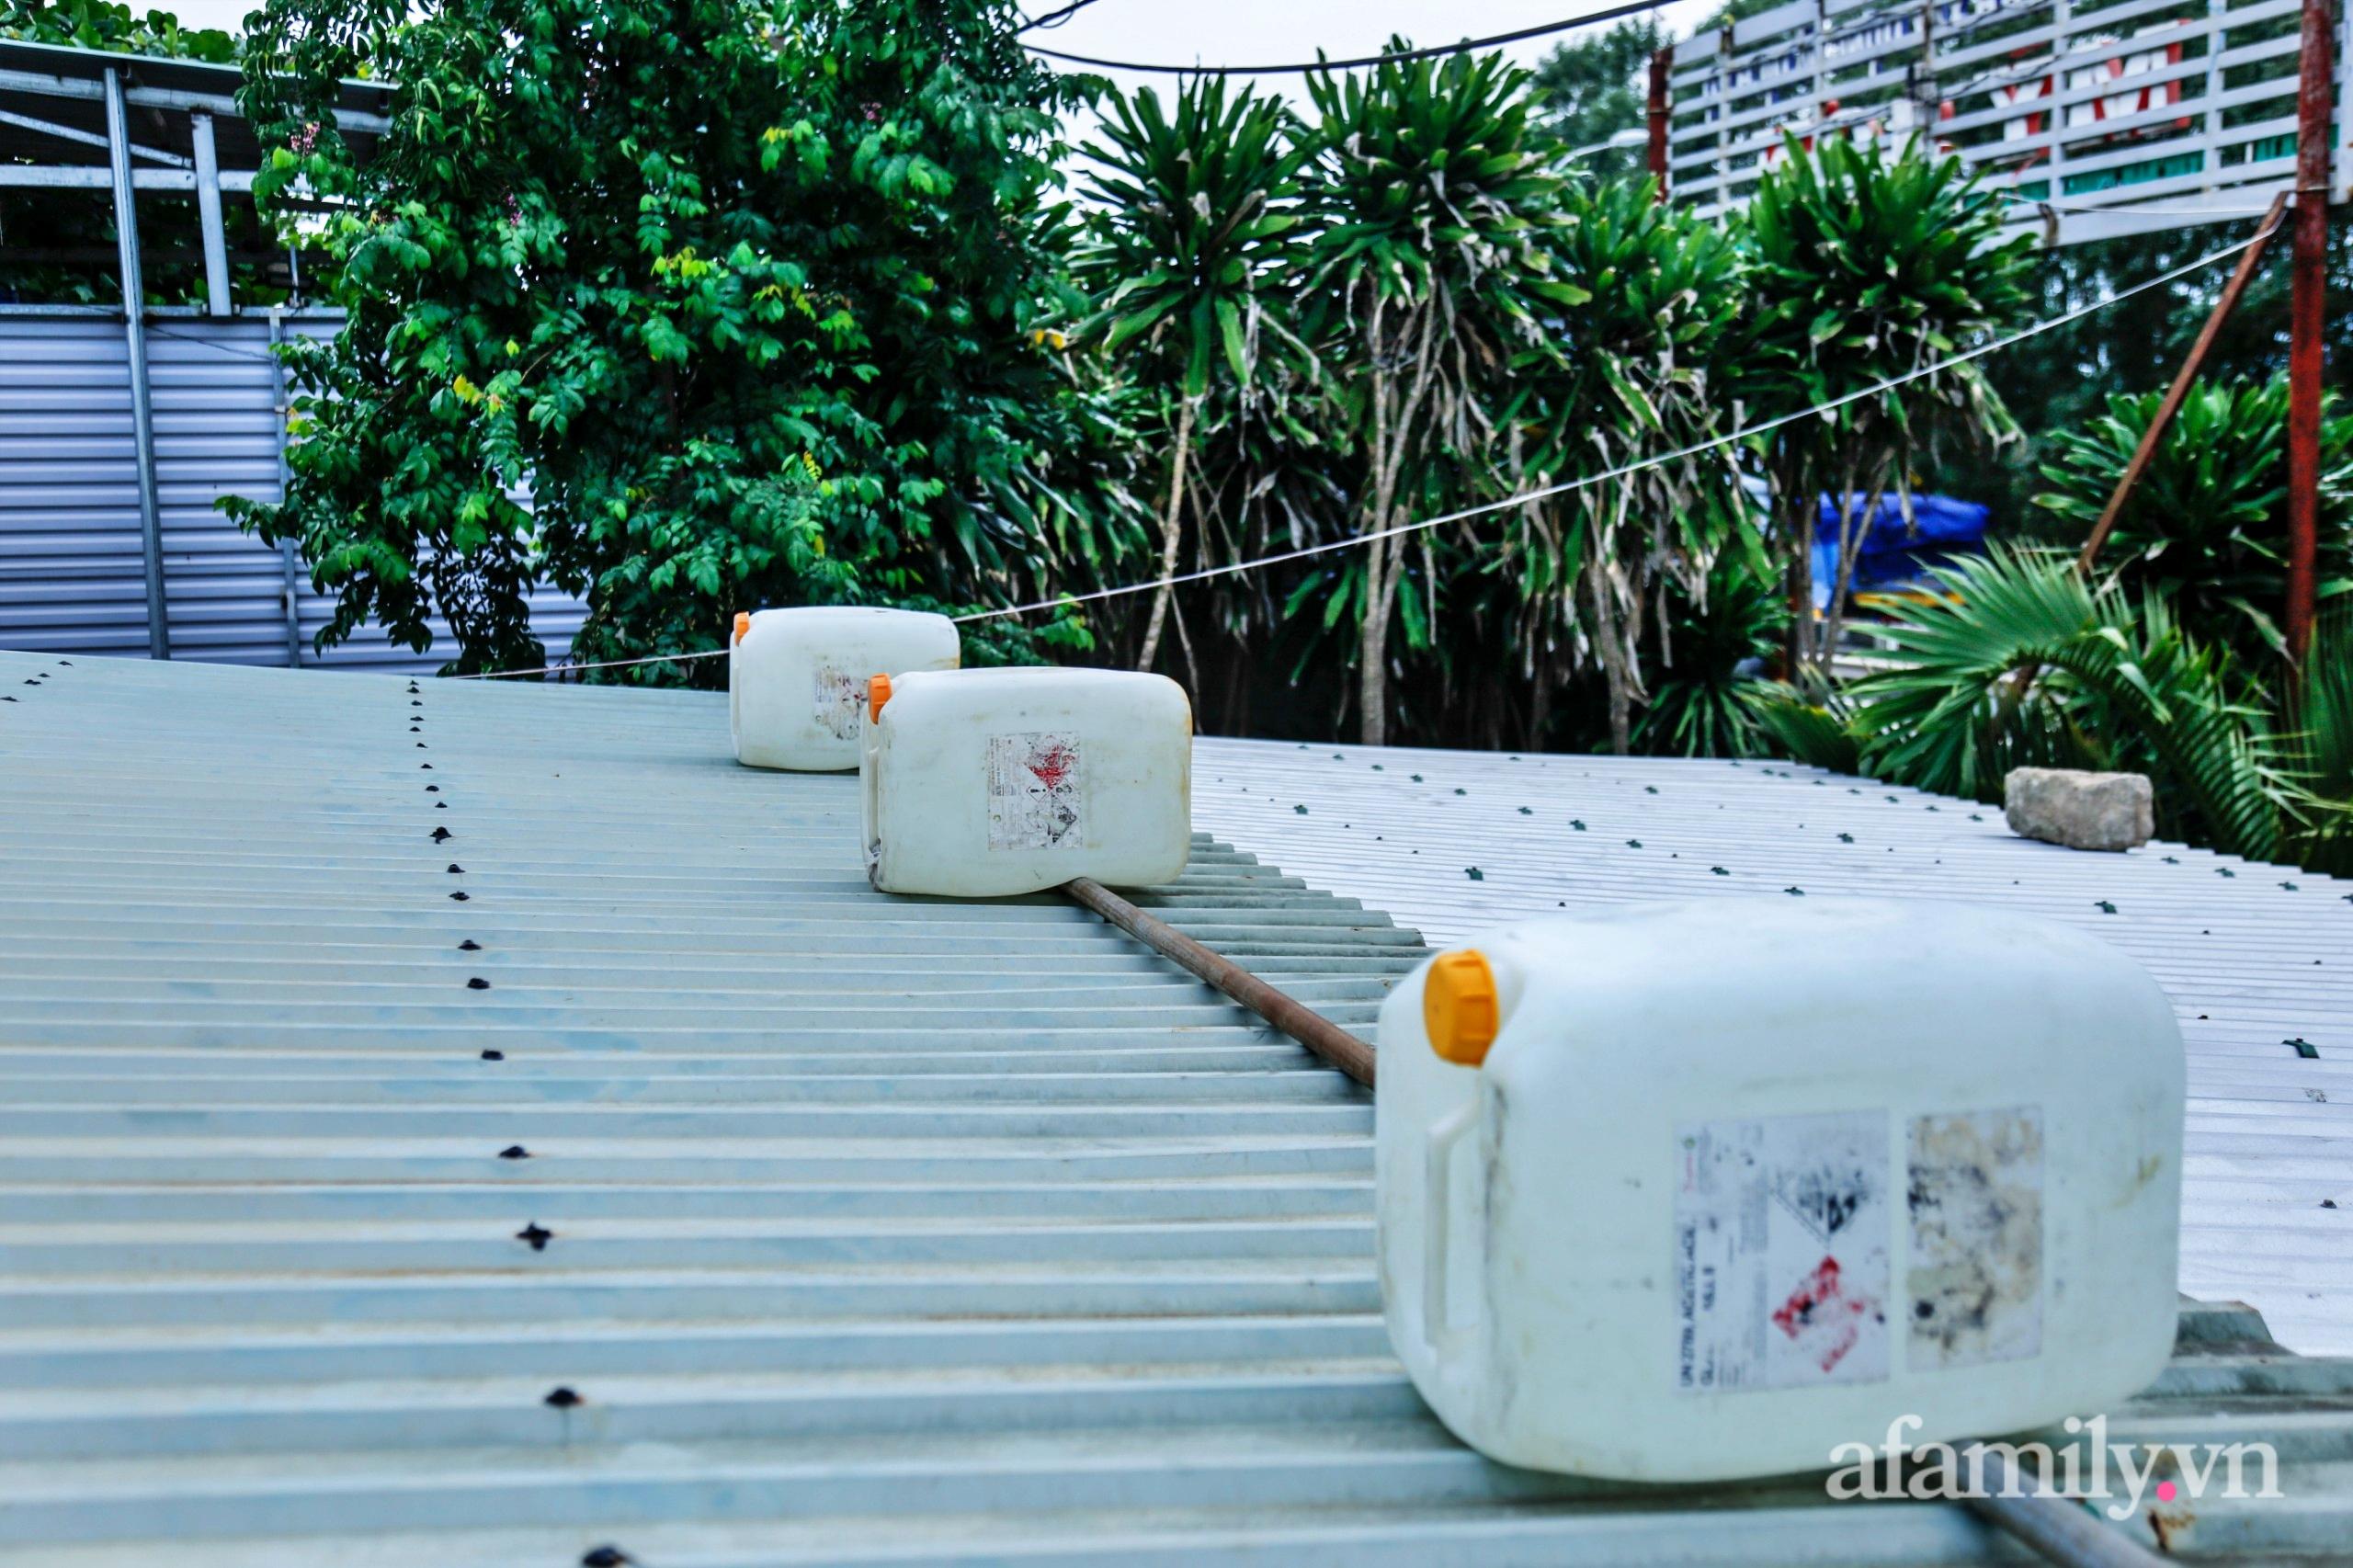 Bão số 9 đang tới gần, người dân Quảng Nam khẩn trương chằng chống nhà cửa bằng túi và can nhựa đầy nước - Ảnh 5.